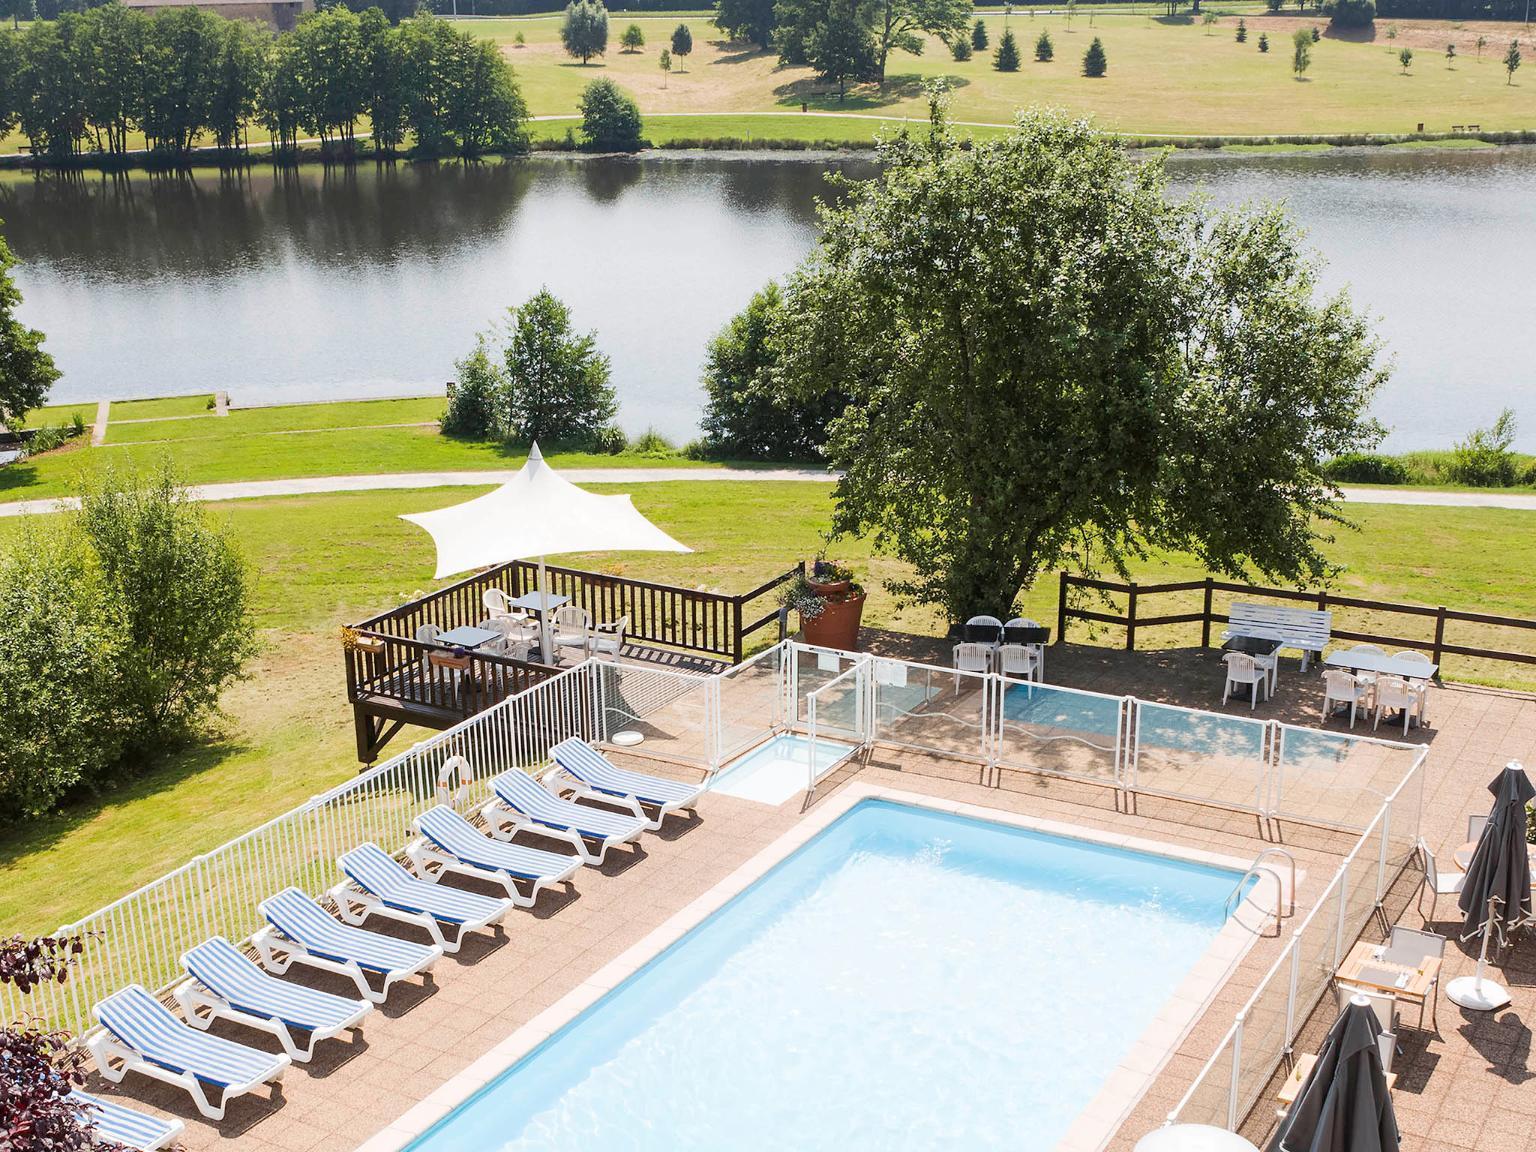 novotel limoges le lac h tel 2 avenue d 39 uzurat parc d 39 activit s nord jaune 87000 limoges. Black Bedroom Furniture Sets. Home Design Ideas